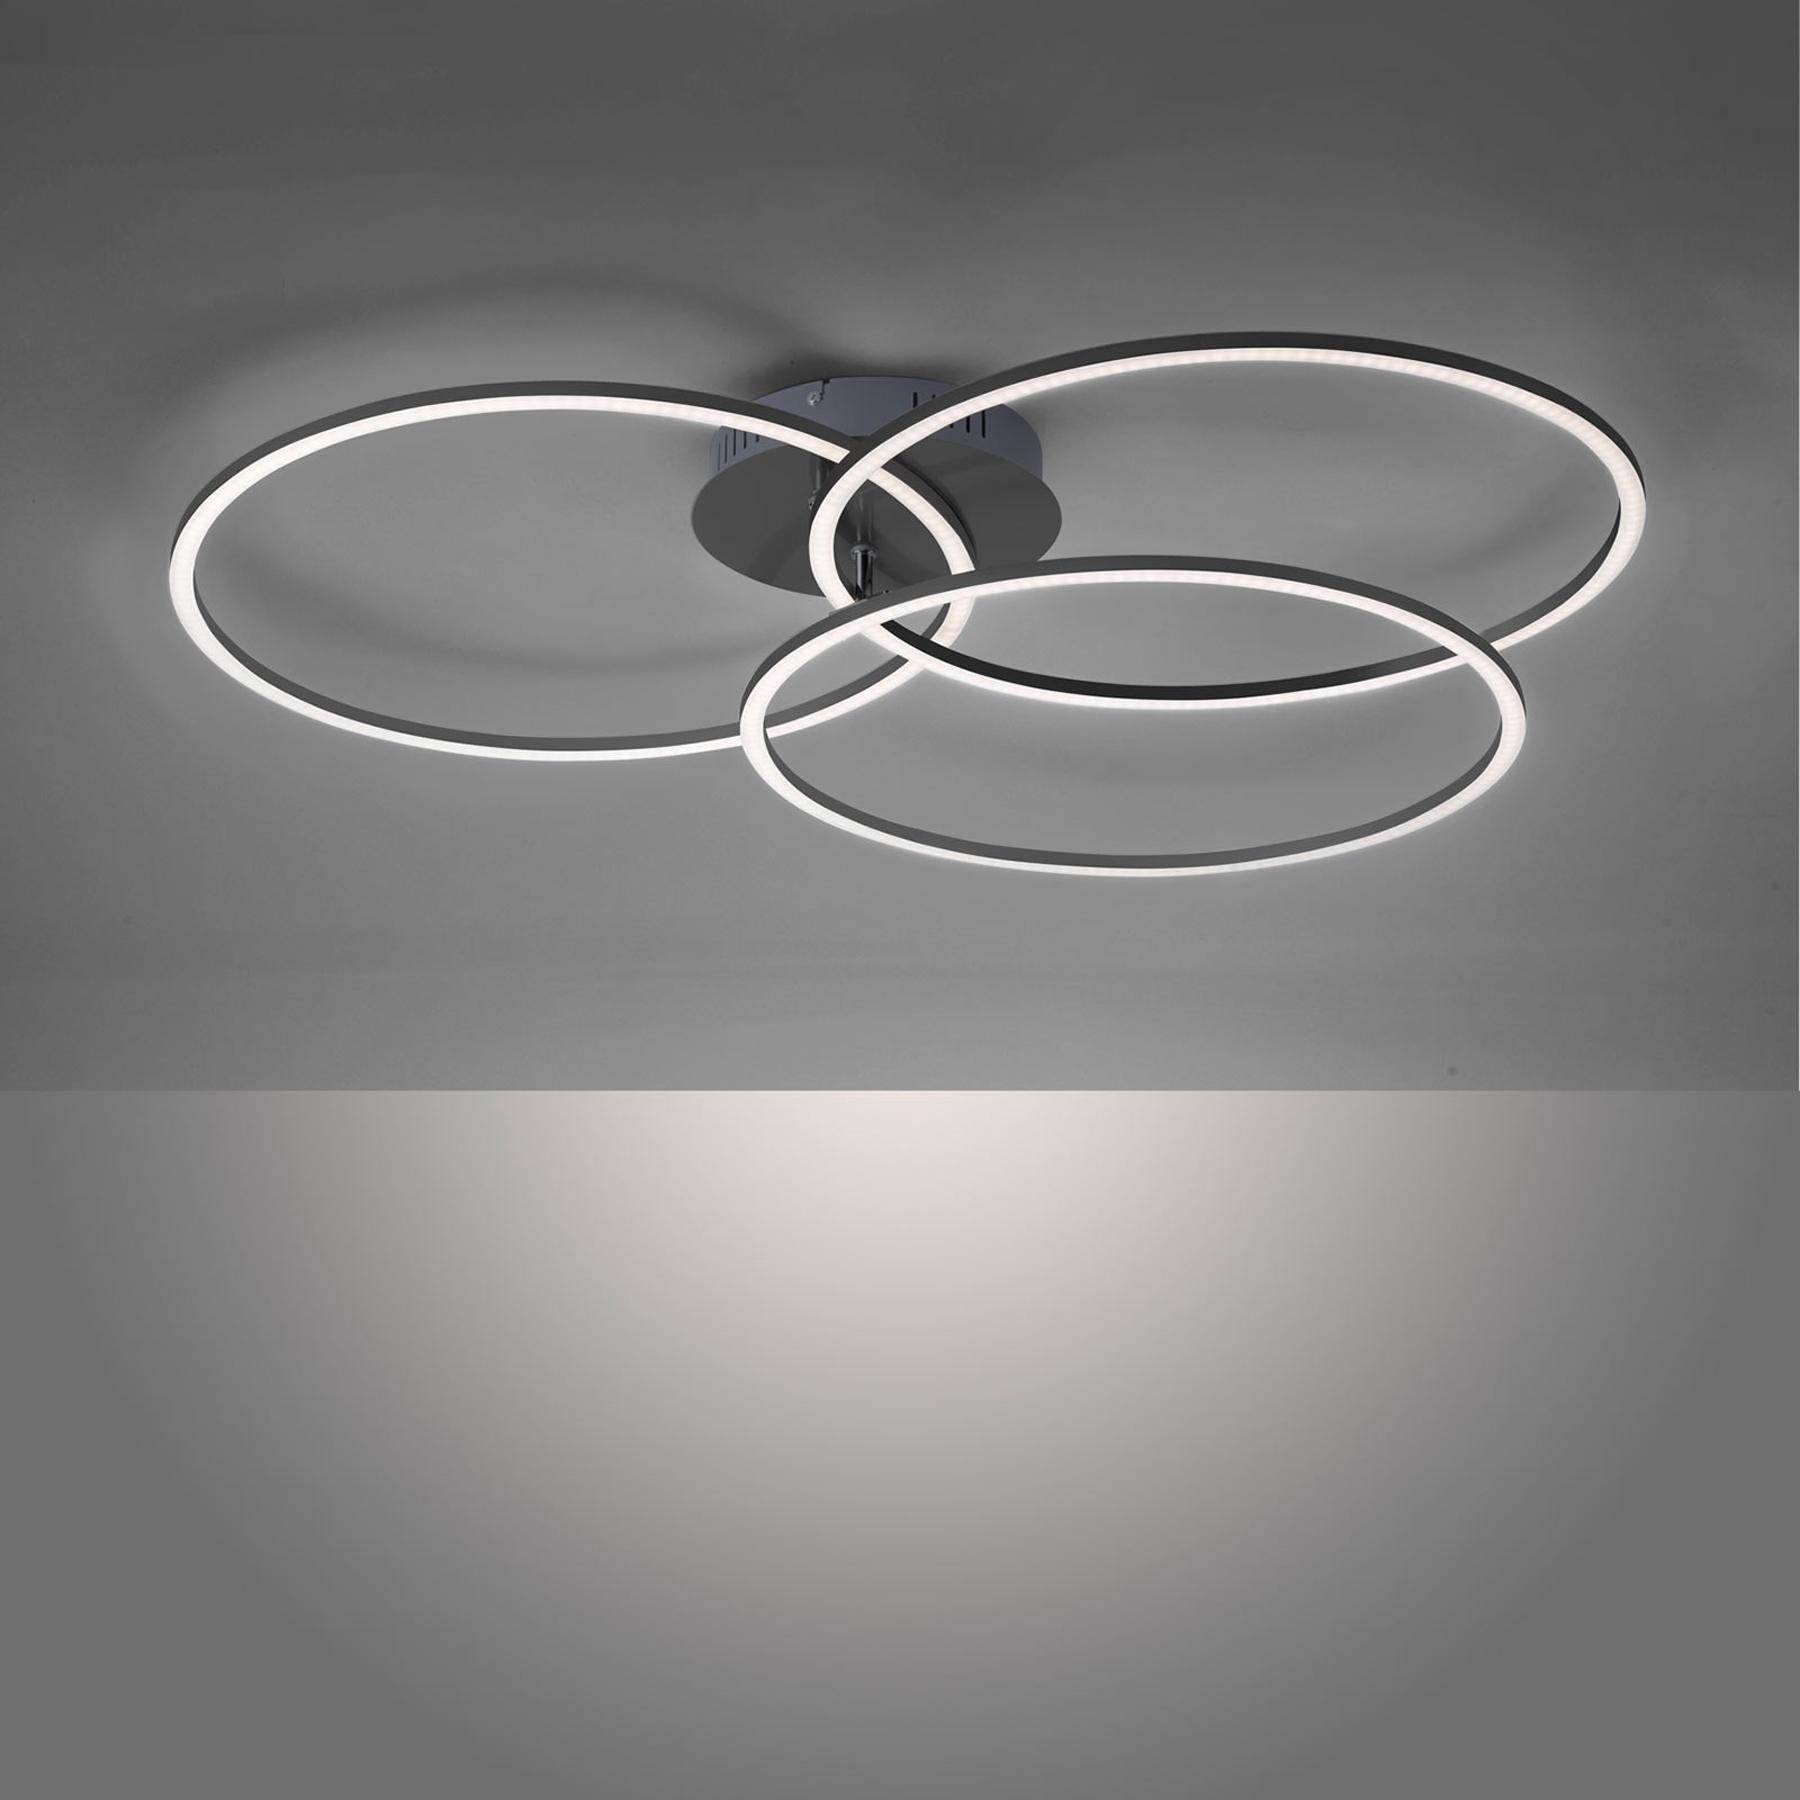 LED plafondlamp Ivanka, drie ringen, zwart